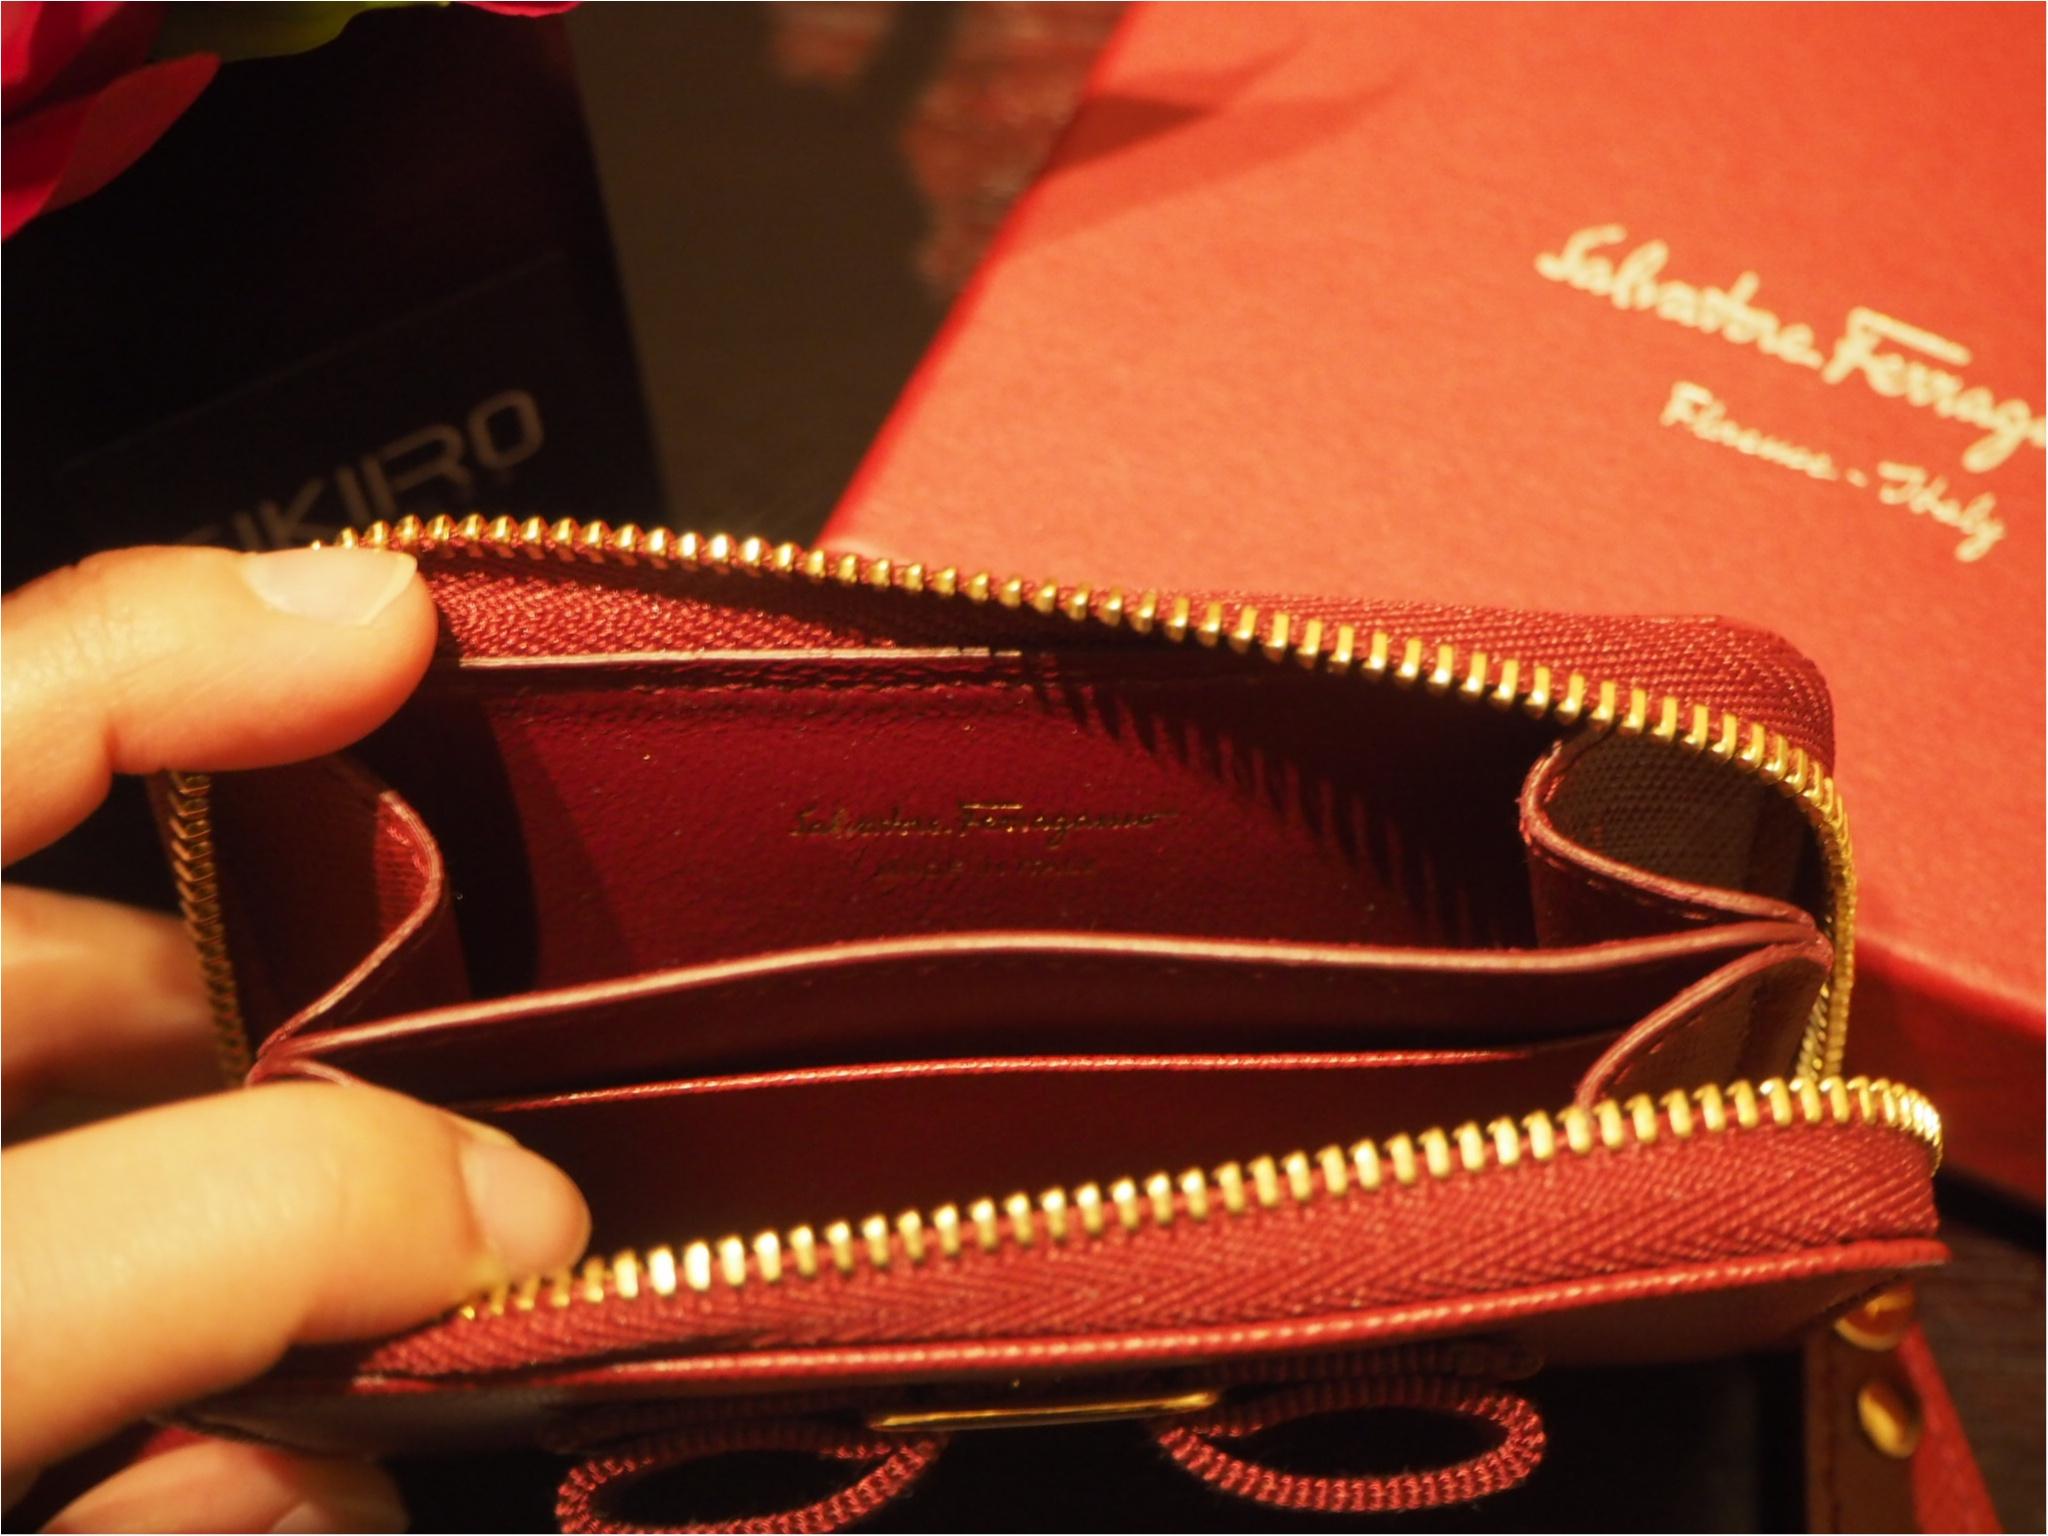 自分へのご褒美は「Salvtore Ferragamo(サルヴァトーレフェラガモ)」のミニ財布をお迎えしました!_4